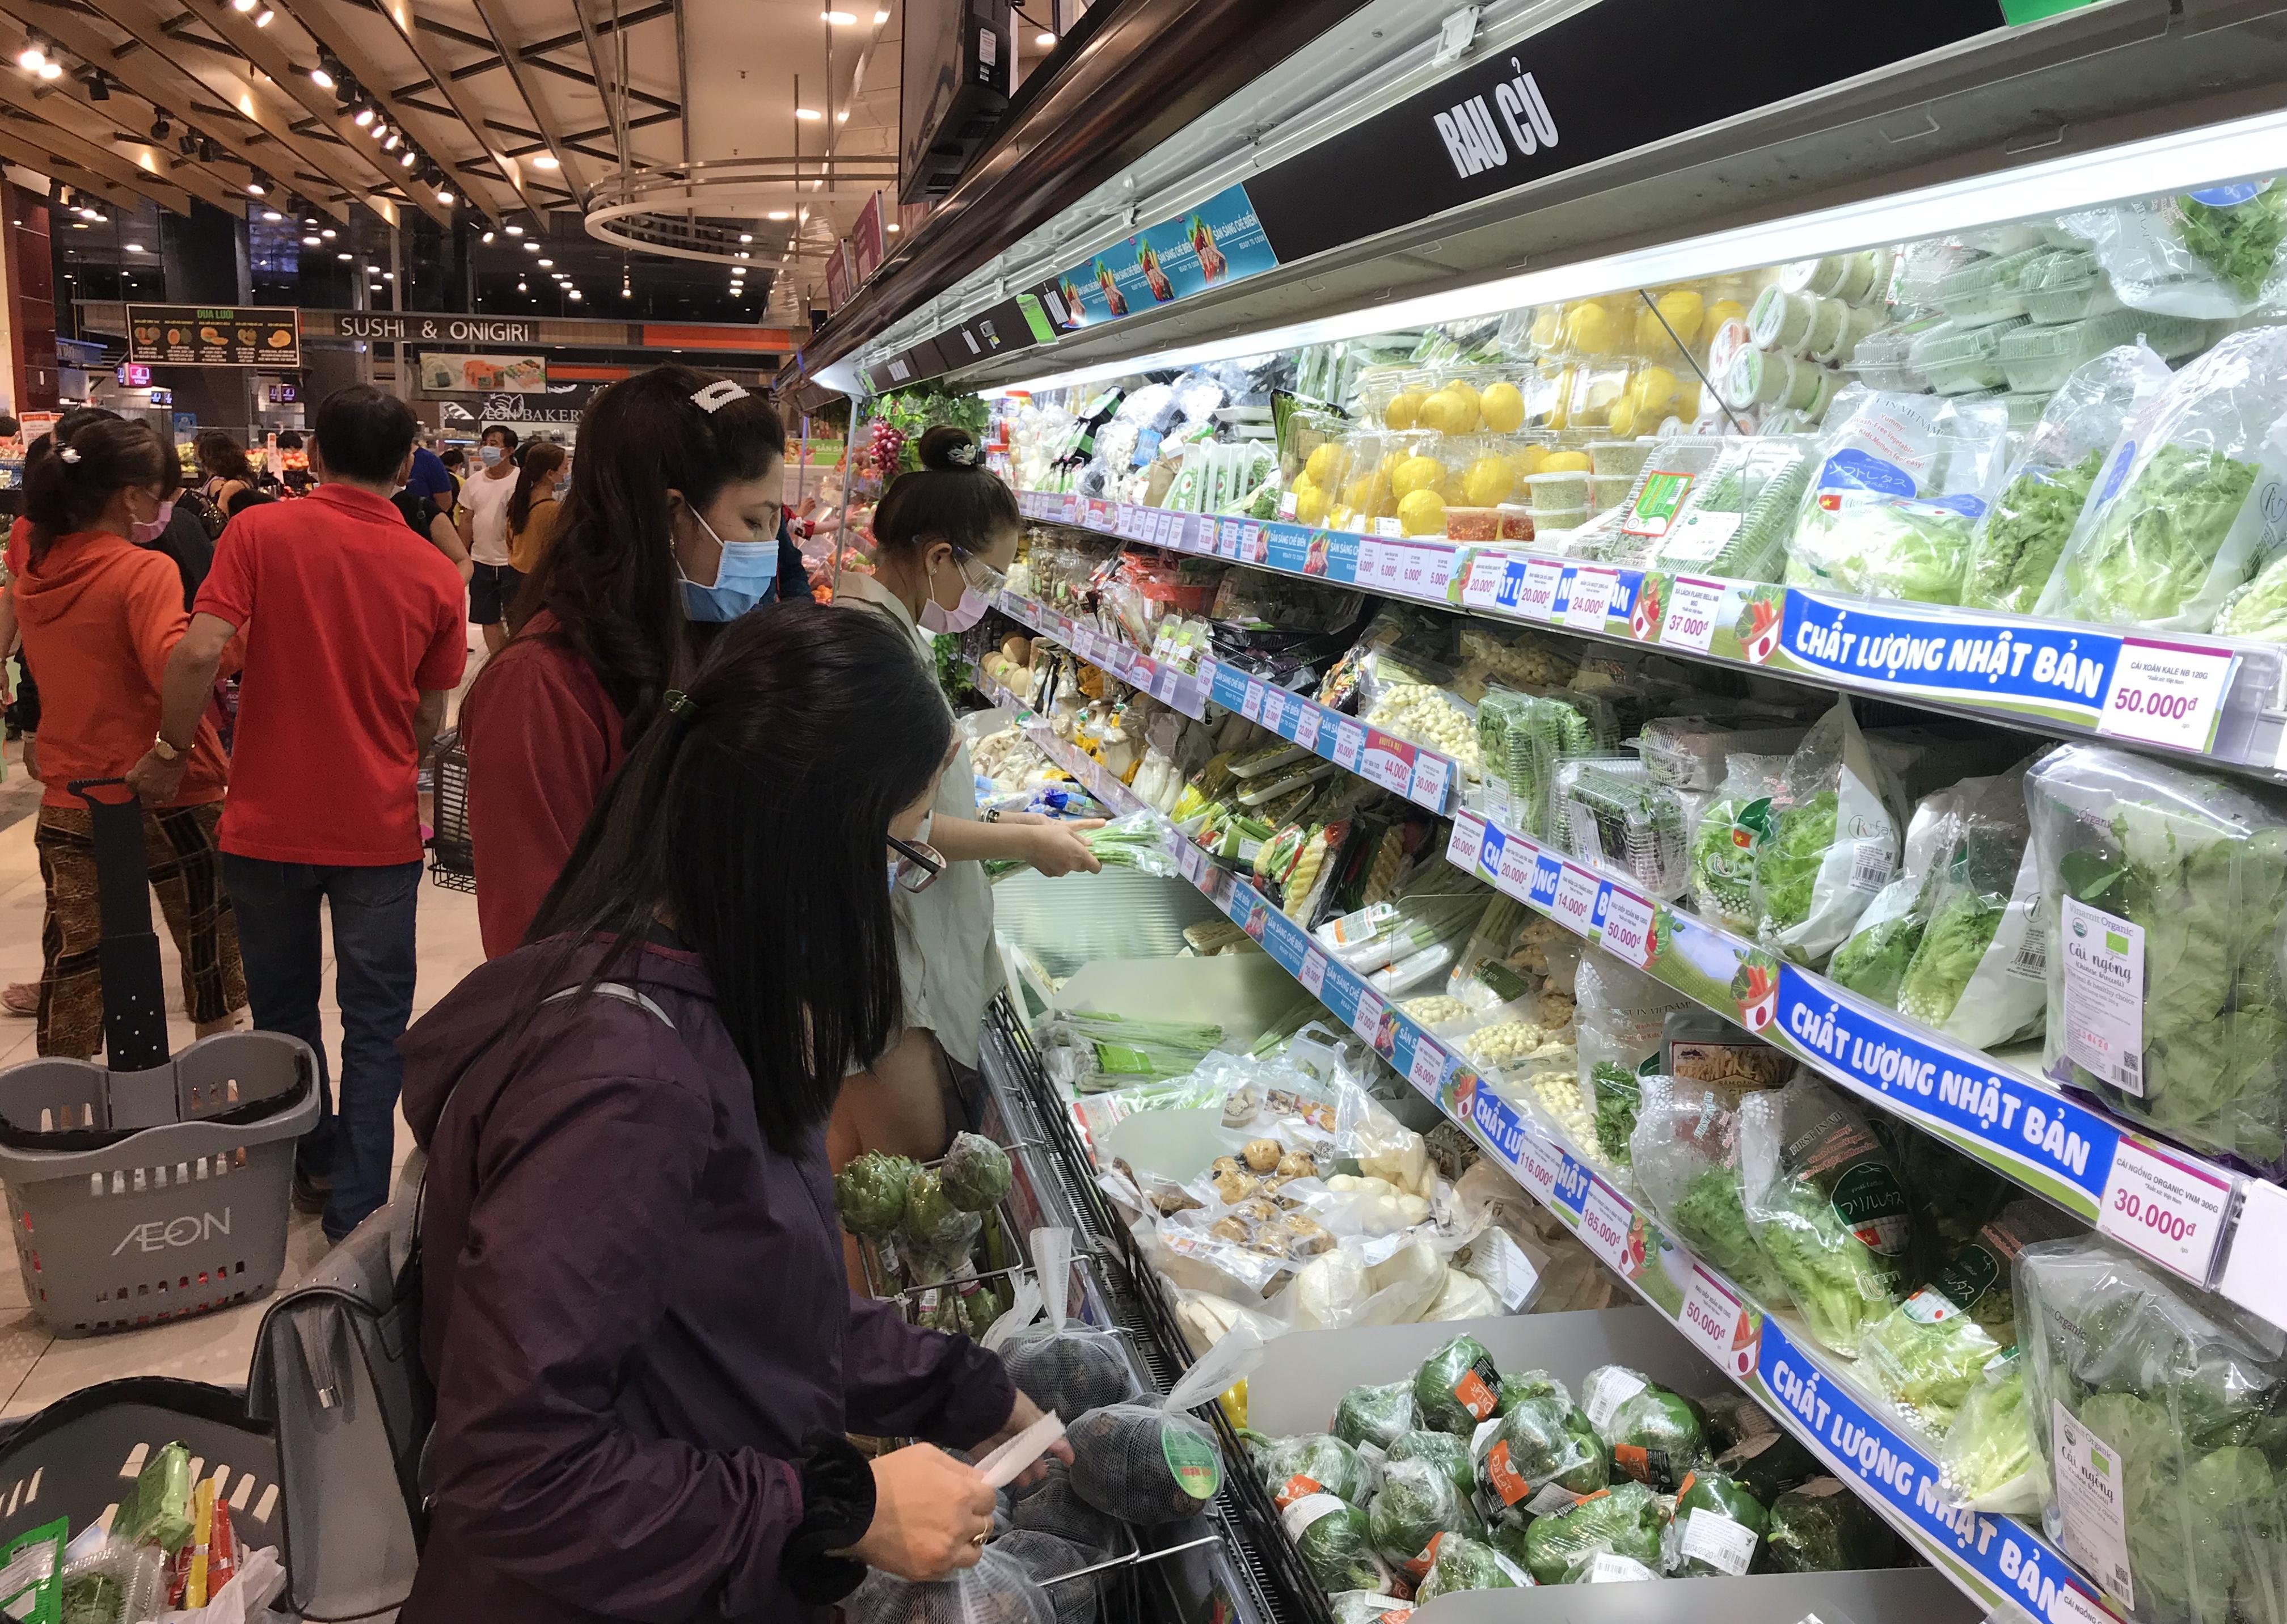 Siêu thị đông đúc cuối tuần, người Sài Gòn mua thịt heo, hải sản giảm giá đến 20.000-60.000 đồng/kg ăn lễ - Ảnh 3.